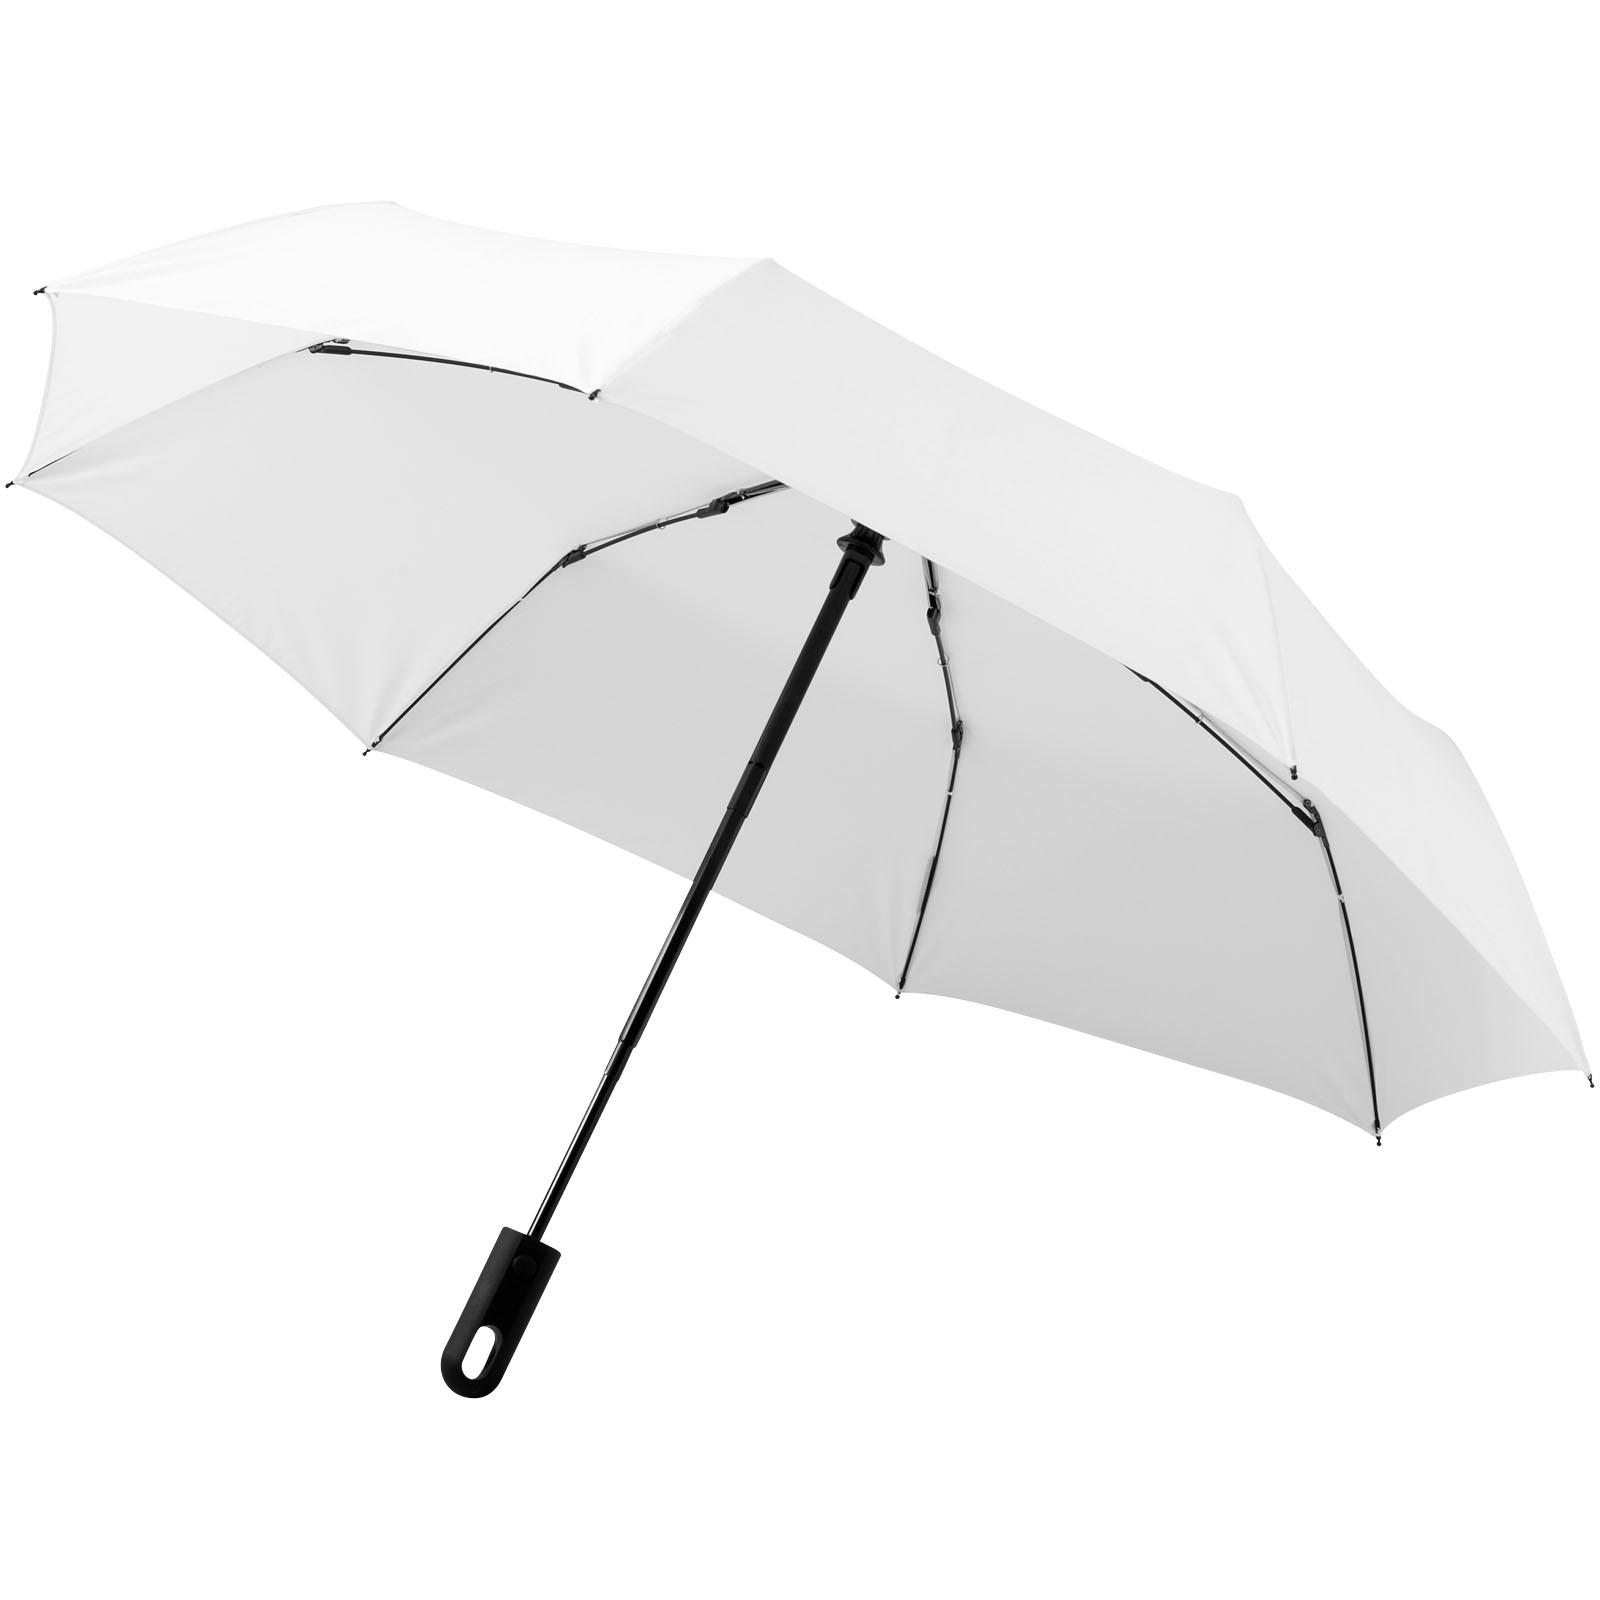 """21,5"""" skládací deštník Traveller s automatickým rozevíráním/skládáním - Bílá"""